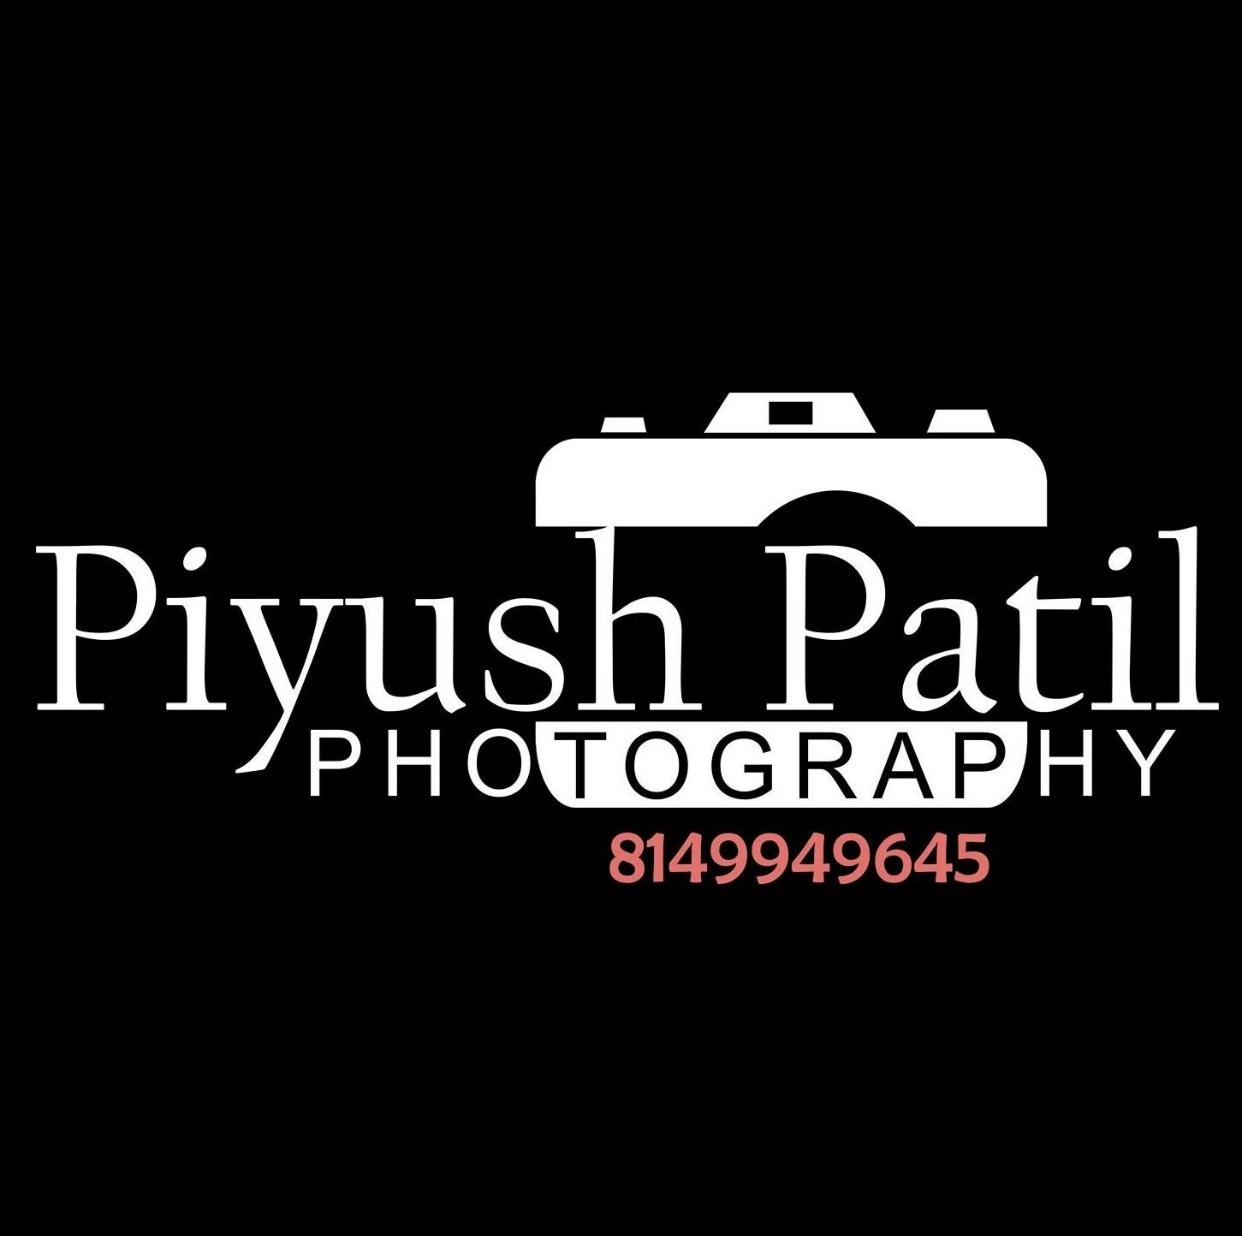 Piyush Patil Photography